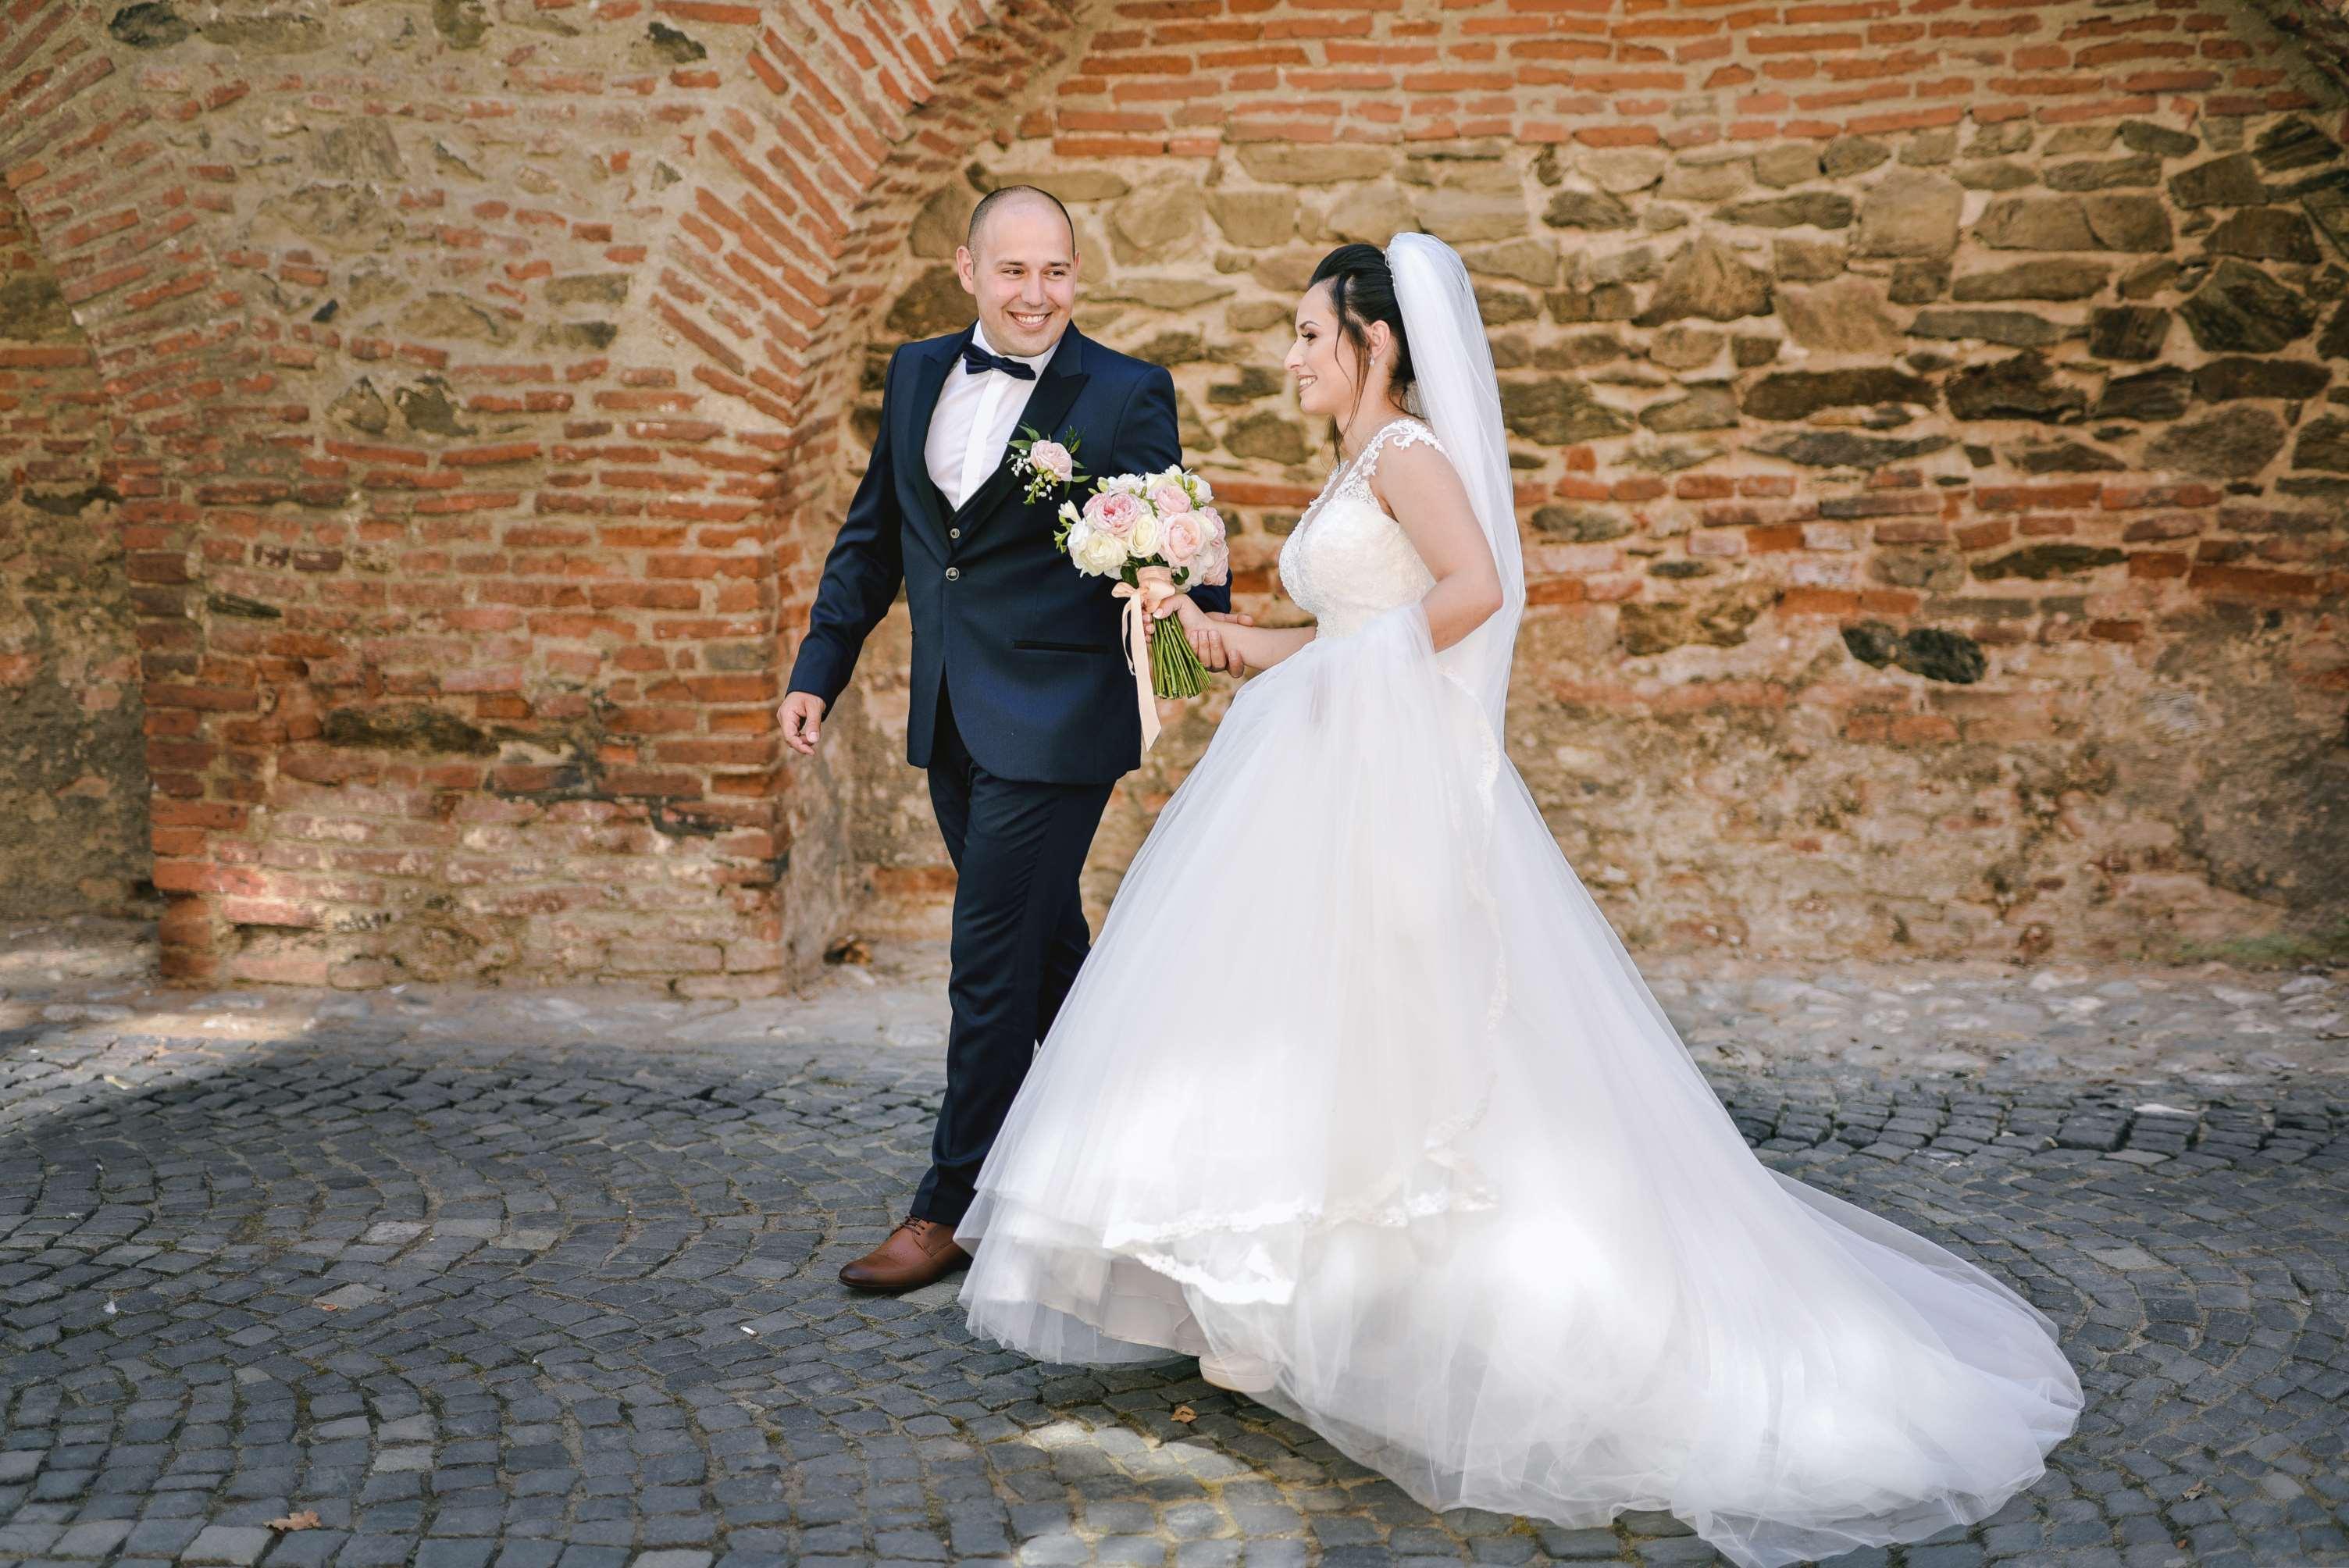 Nunta-Sibiu-fotograf-7